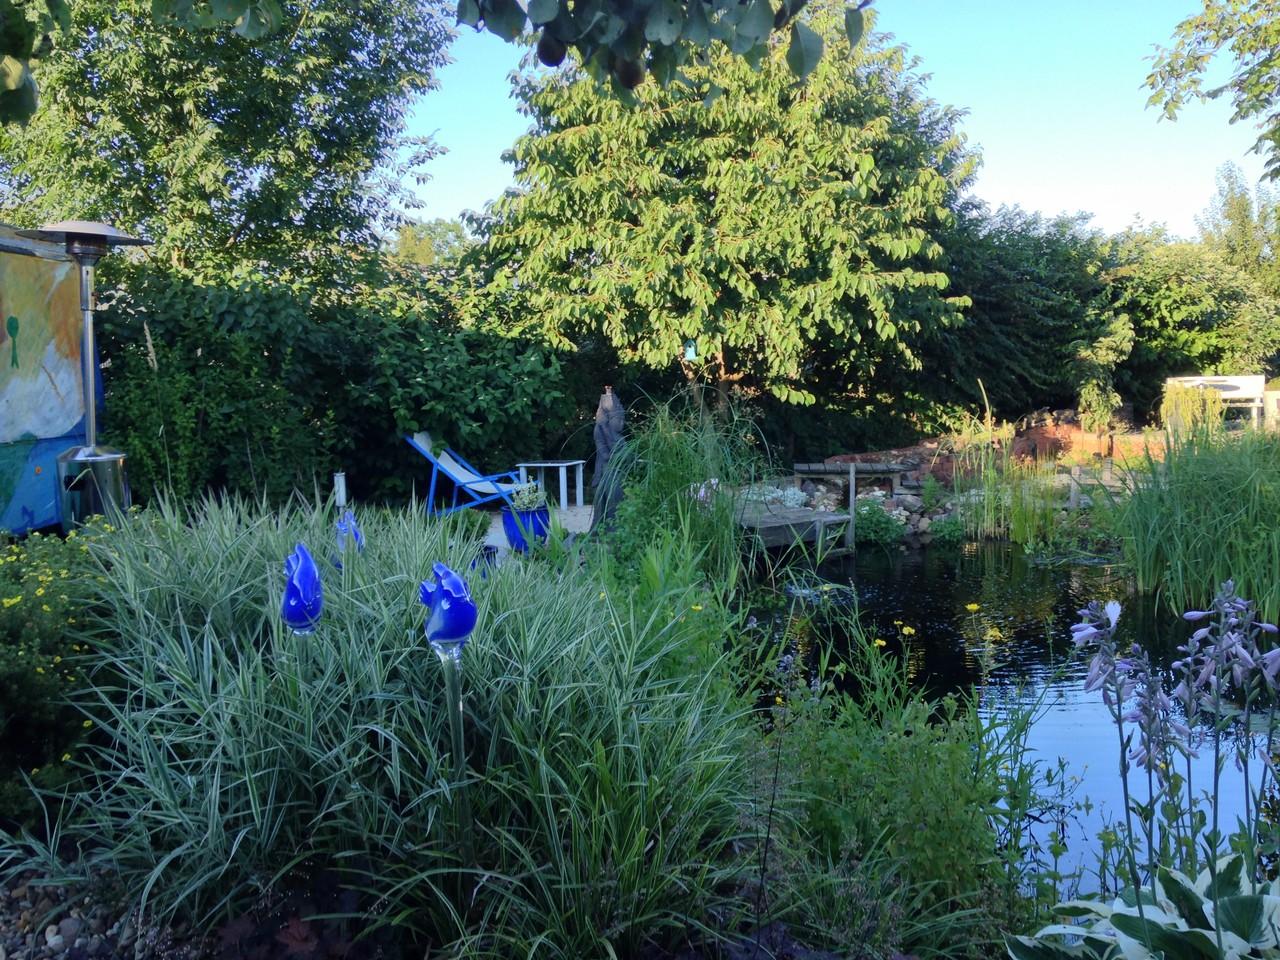 Garten Janssen garten janssen garten janssen horst janssen museum foto andrey